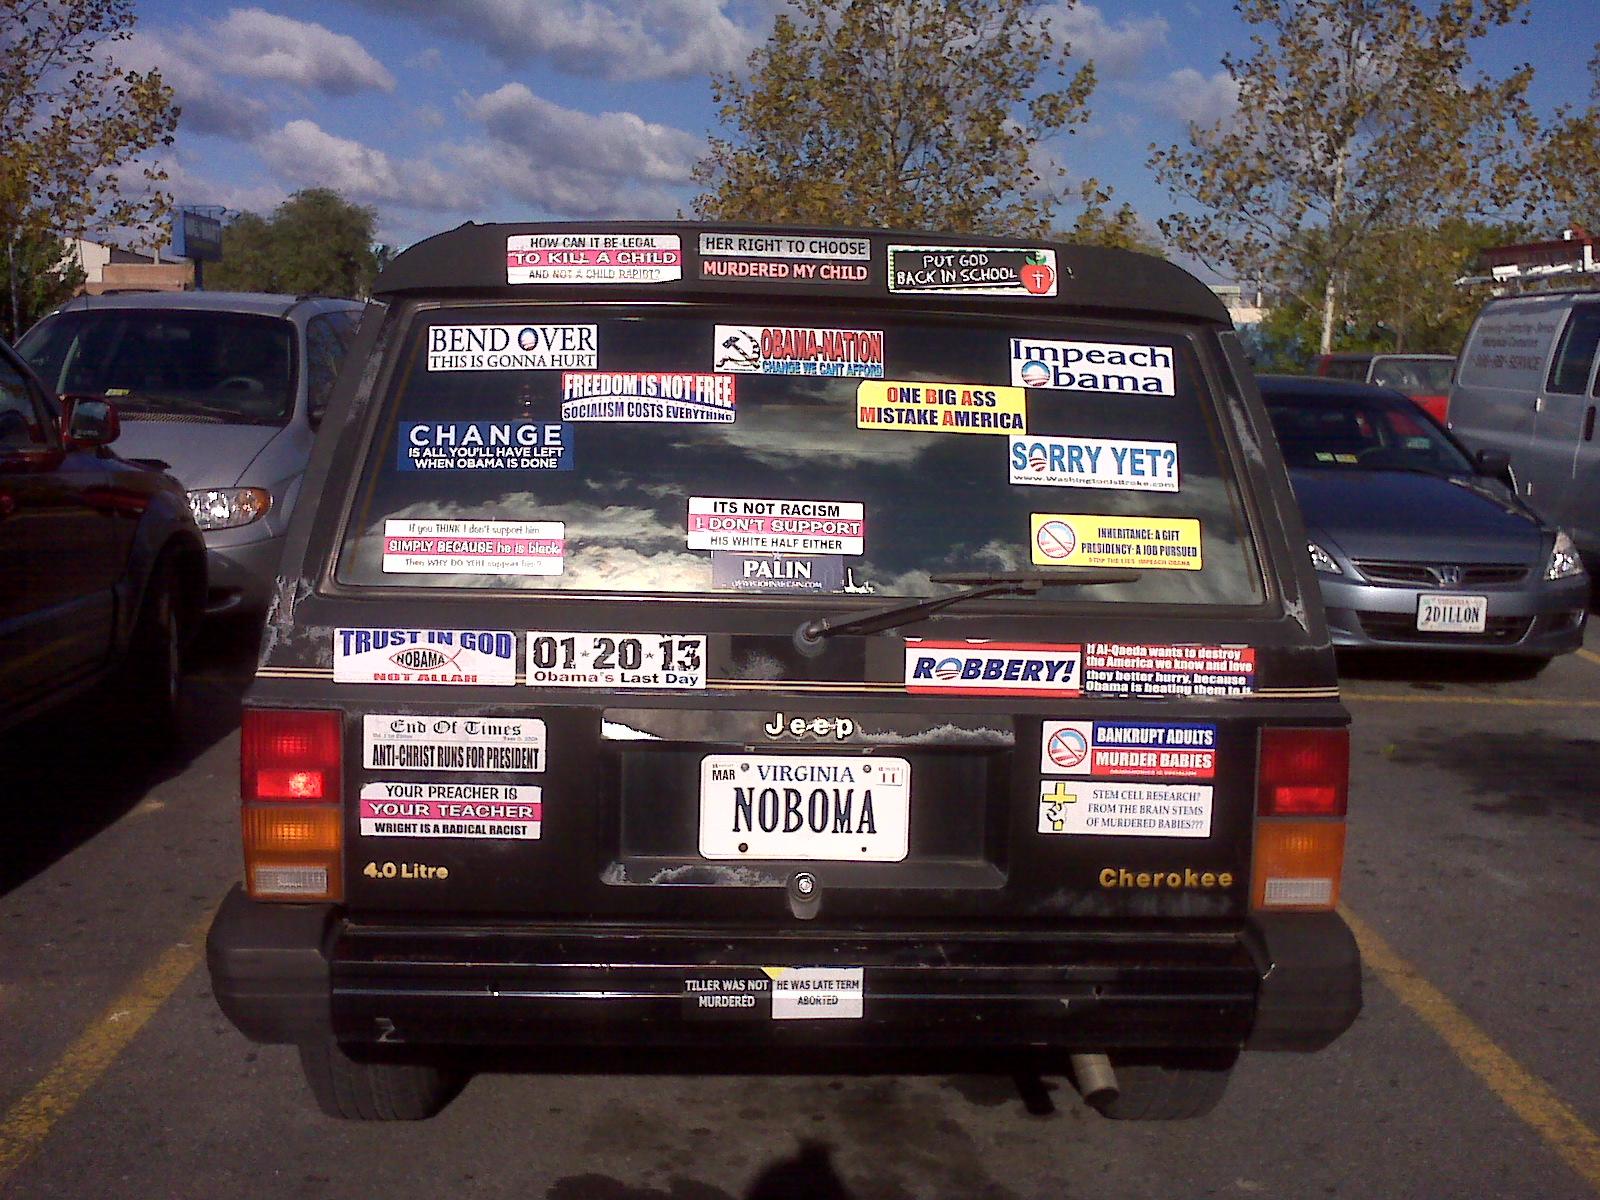 http://3.bp.blogspot.com/_A24UZctD--E/TQ5zpnlIXhI/AAAAAAAACDc/22GsQMVBMr4/s1600/Bumper+Sticker+-+Wincester+VA+-+Nobama.jpg